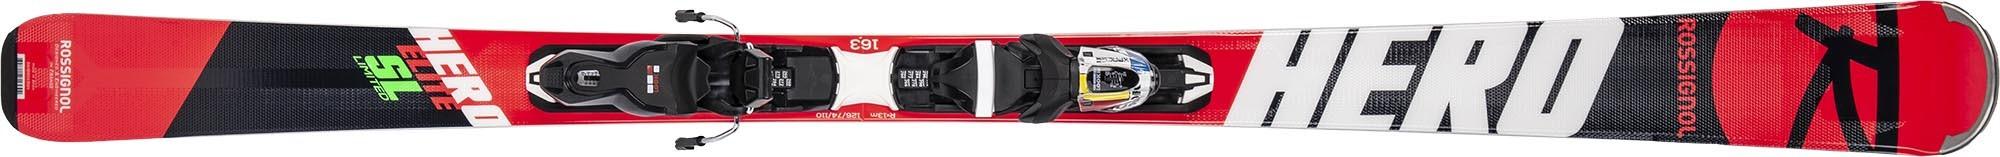 Rossignol Hero Elite SL LTD + Xpress 11 B83 Velikost: 156